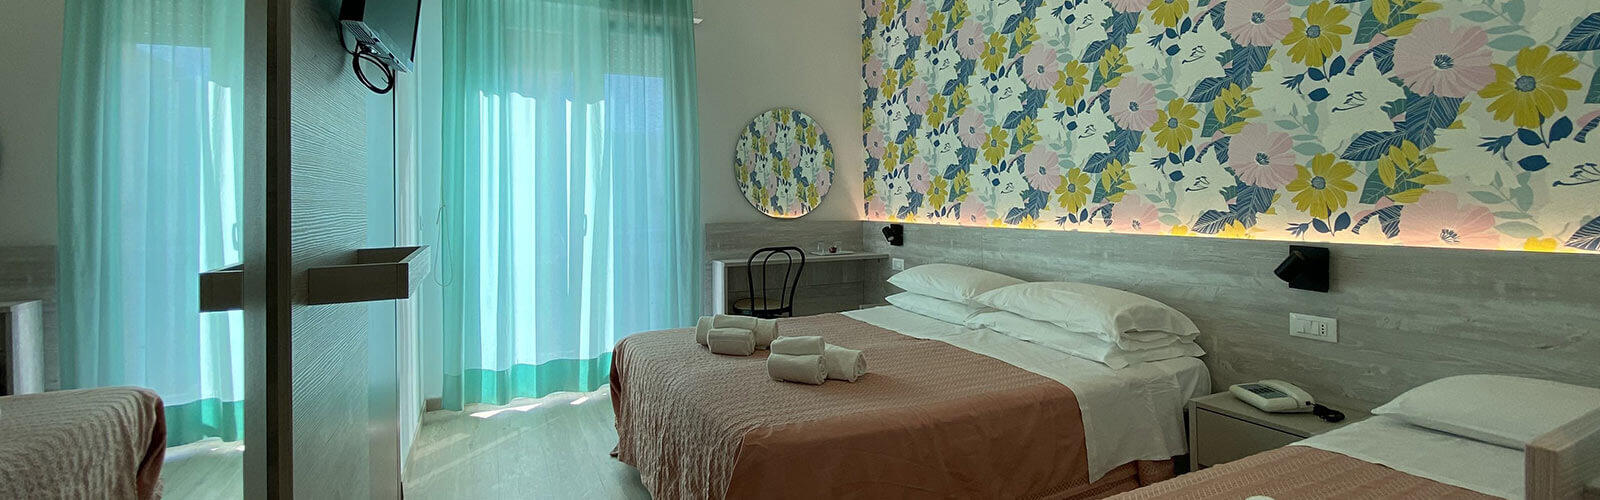 hotellaninfea en dependance 002